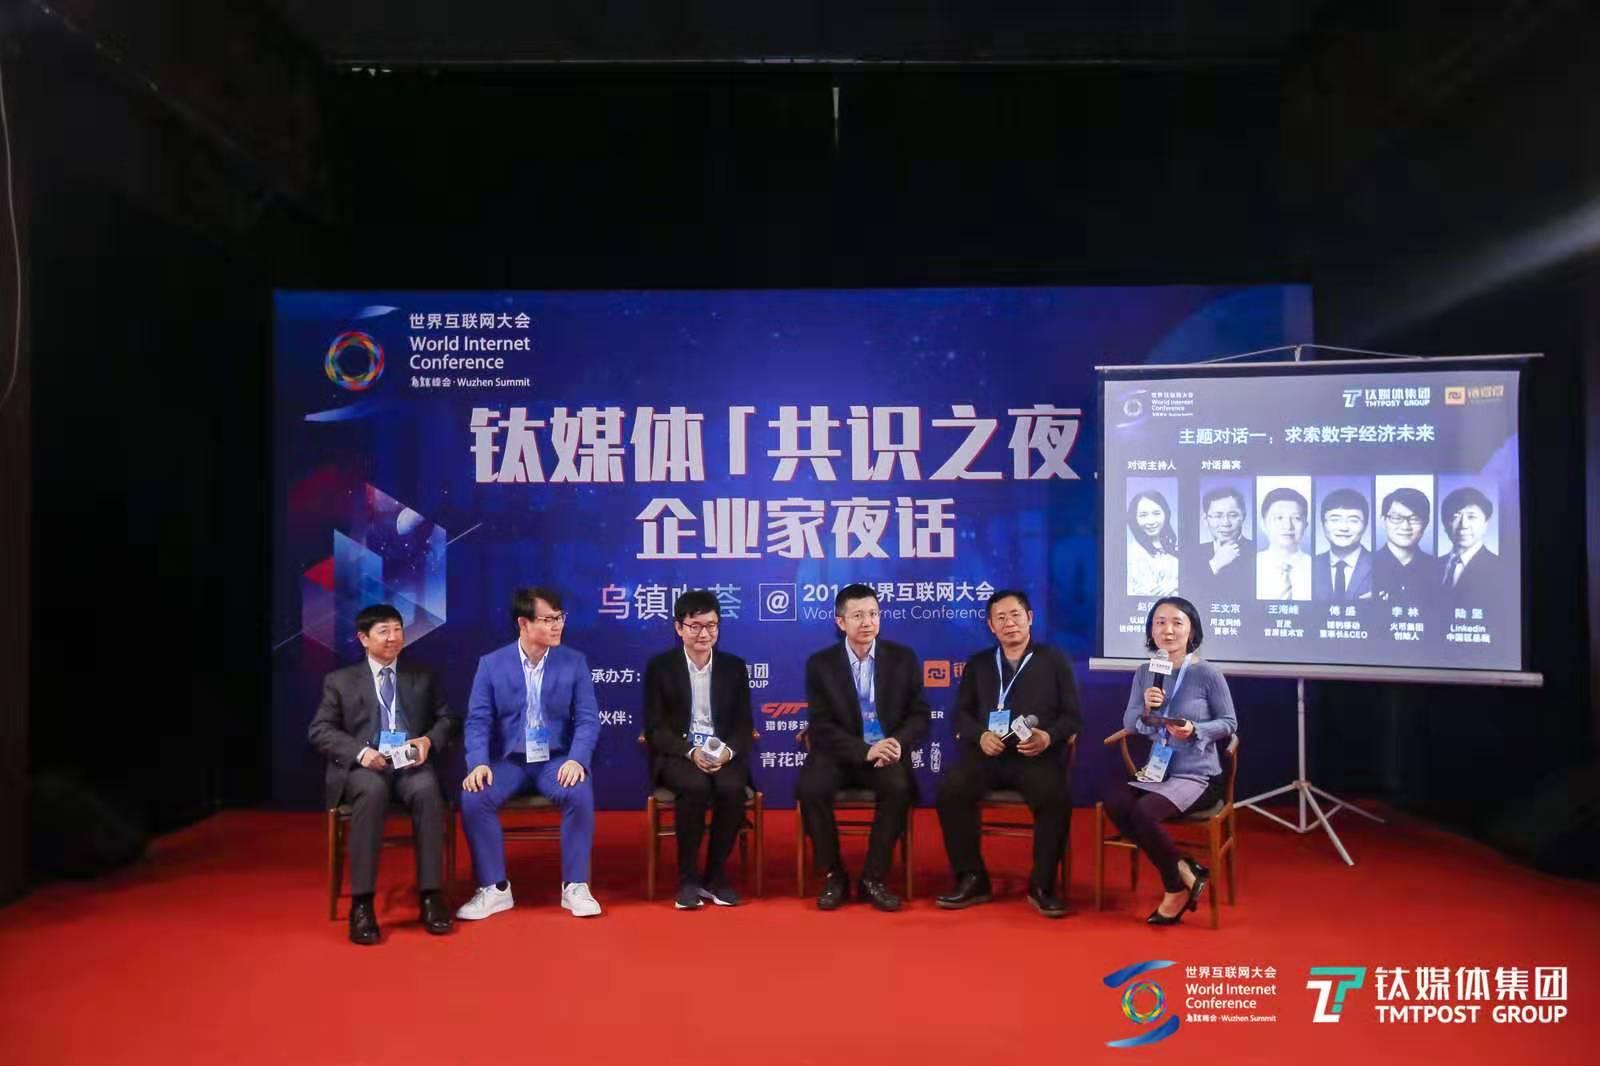 直击乌镇咖荟 | 数字经济改变了什么?又如何感知和突破企业发展瓶颈?